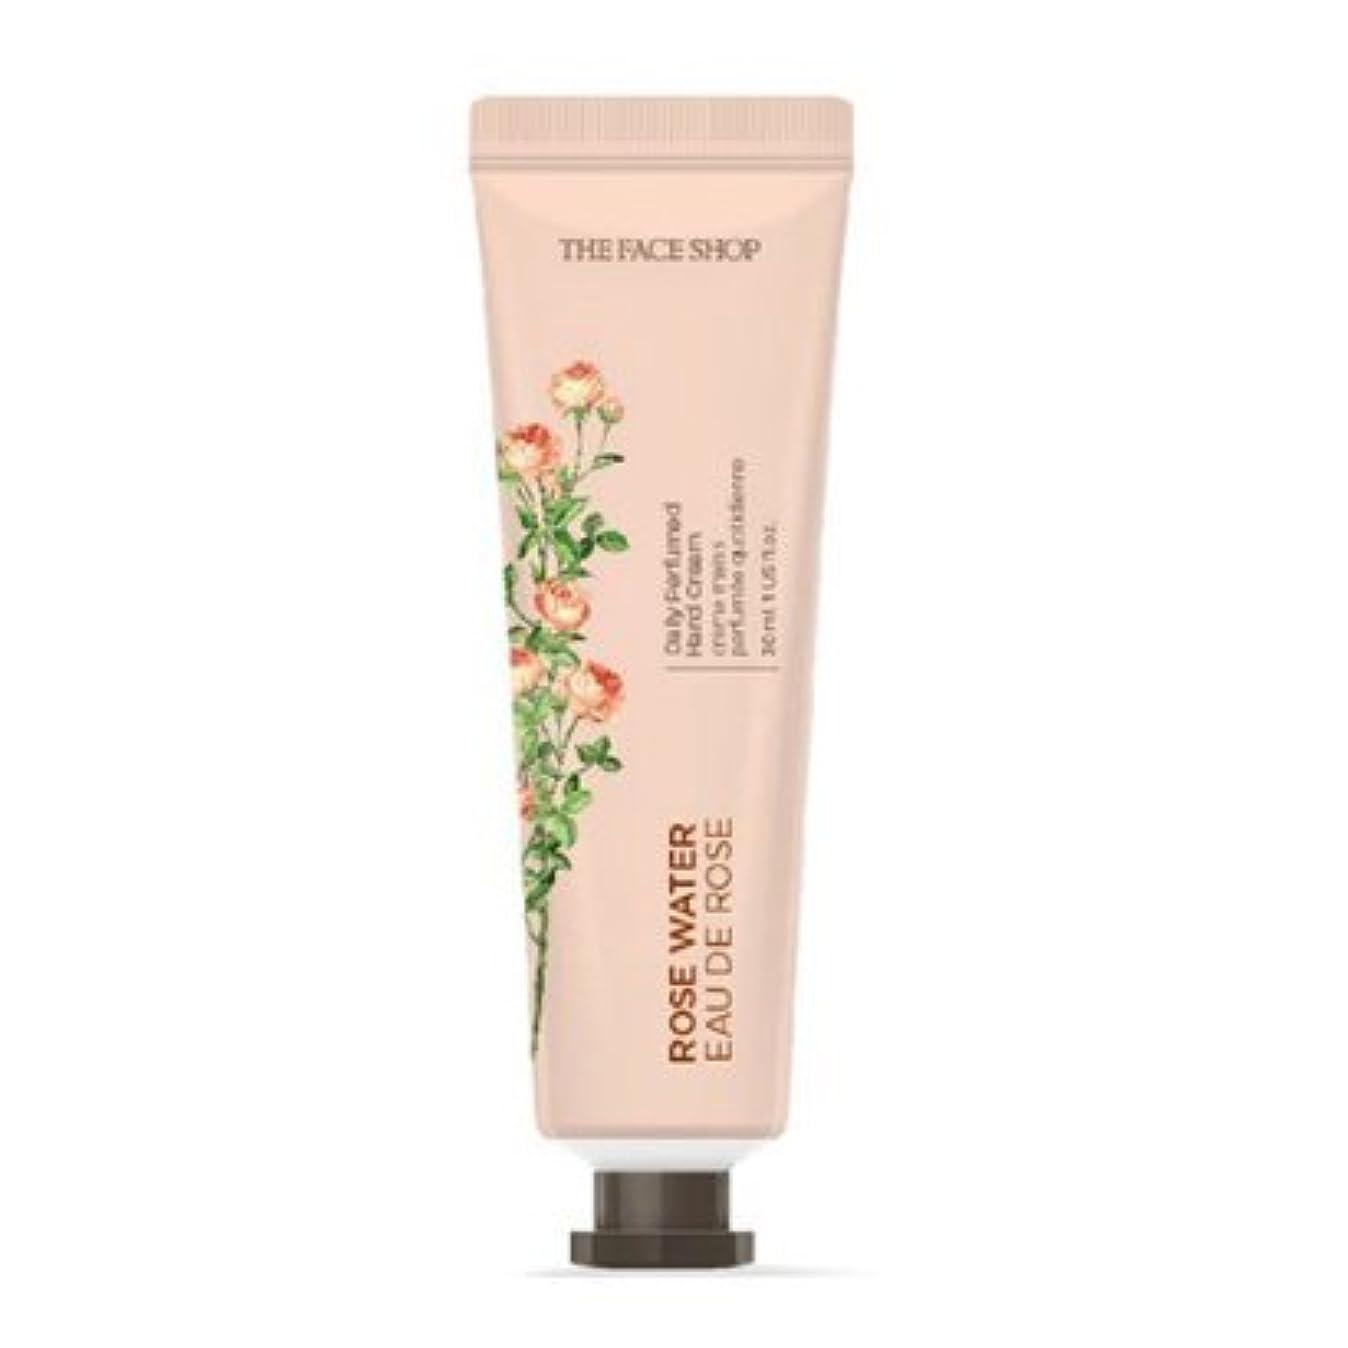 カラス敗北恥ずかしい[1+1] THE FACE SHOP Daily Perfume Hand Cream [01.Rose Water] ザフェイスショップ デイリーパフュームハンドクリーム [01.ローズウォーター] [new] [並行輸入品]